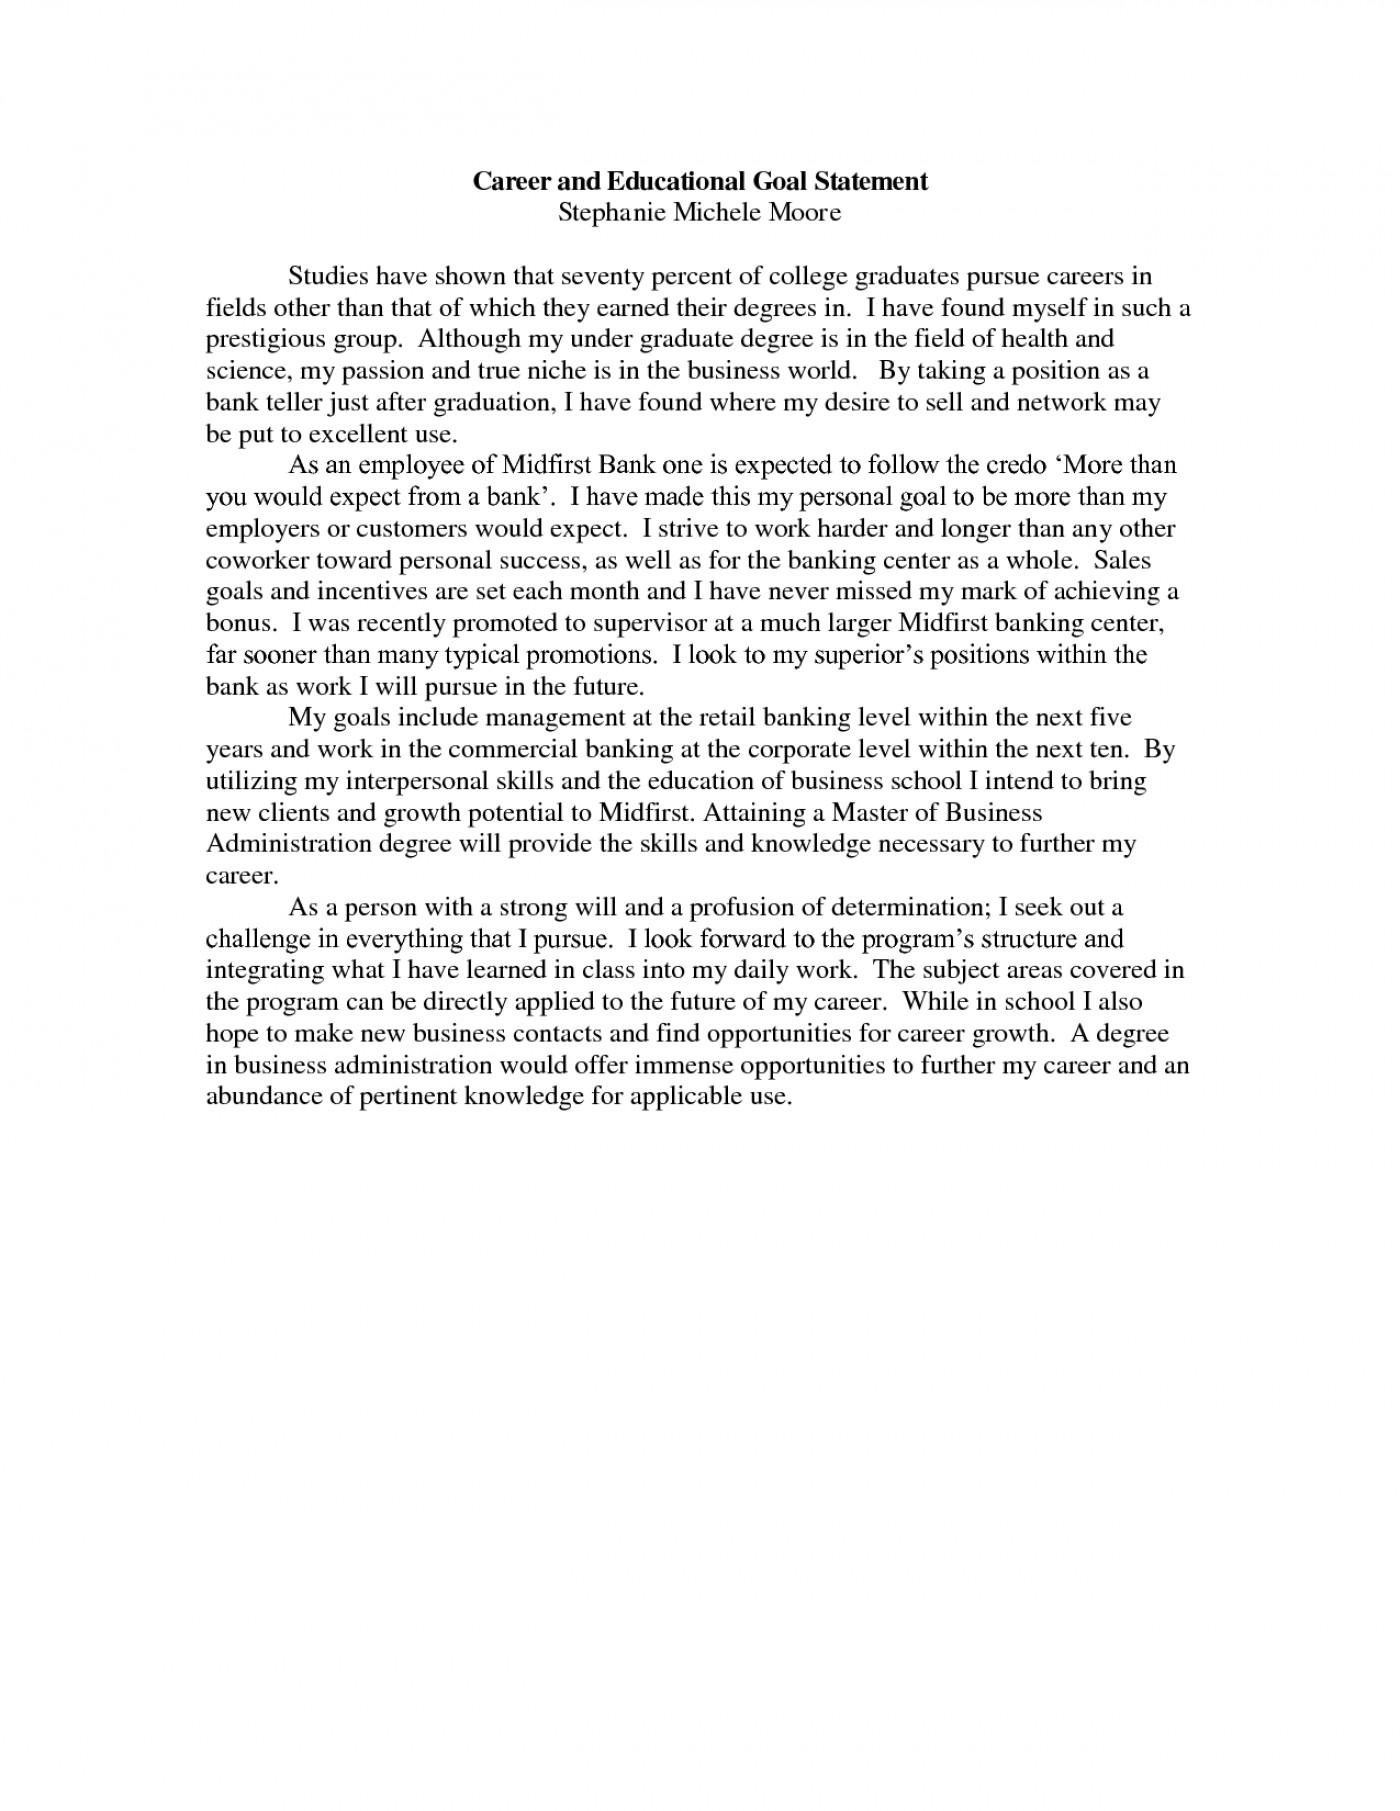 Book report on shiloh season